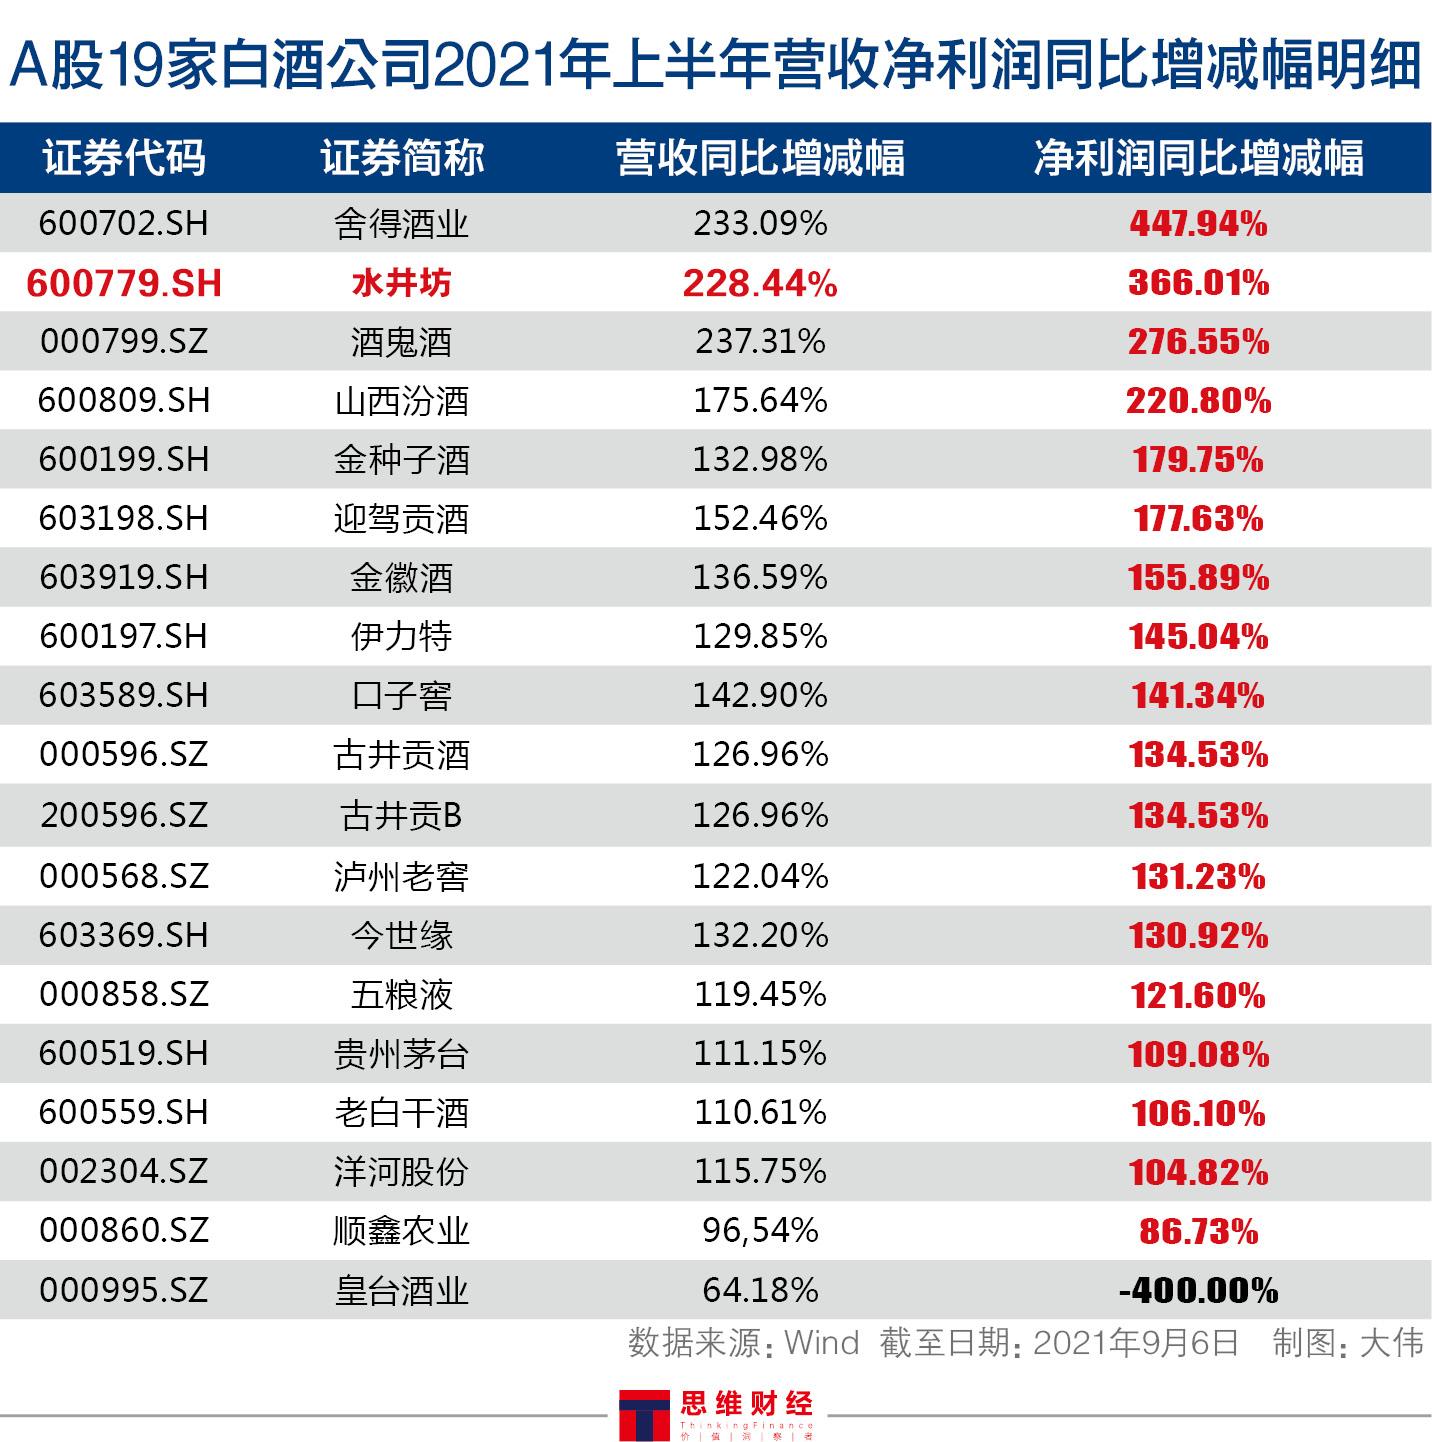 """水井坊业绩大增股价相对坚挺 """"变革销售模式""""能否挤进高端市场"""